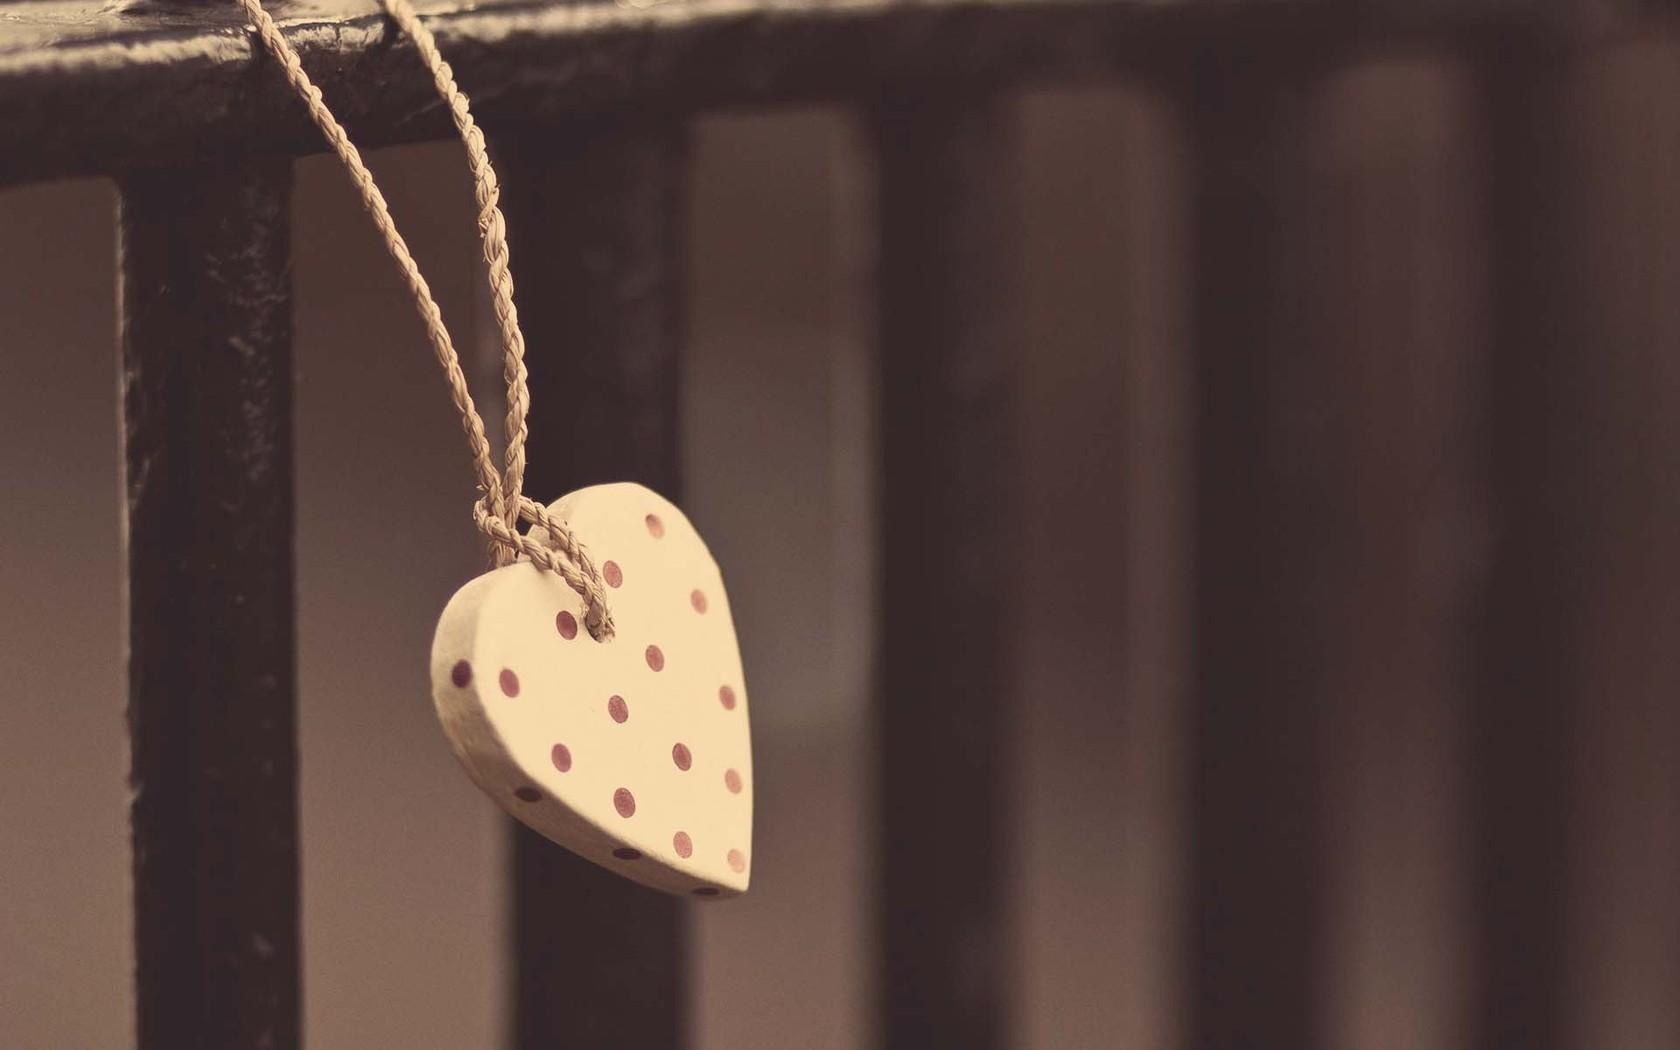 احلي صور قلوب وحب ورومانسية (2)